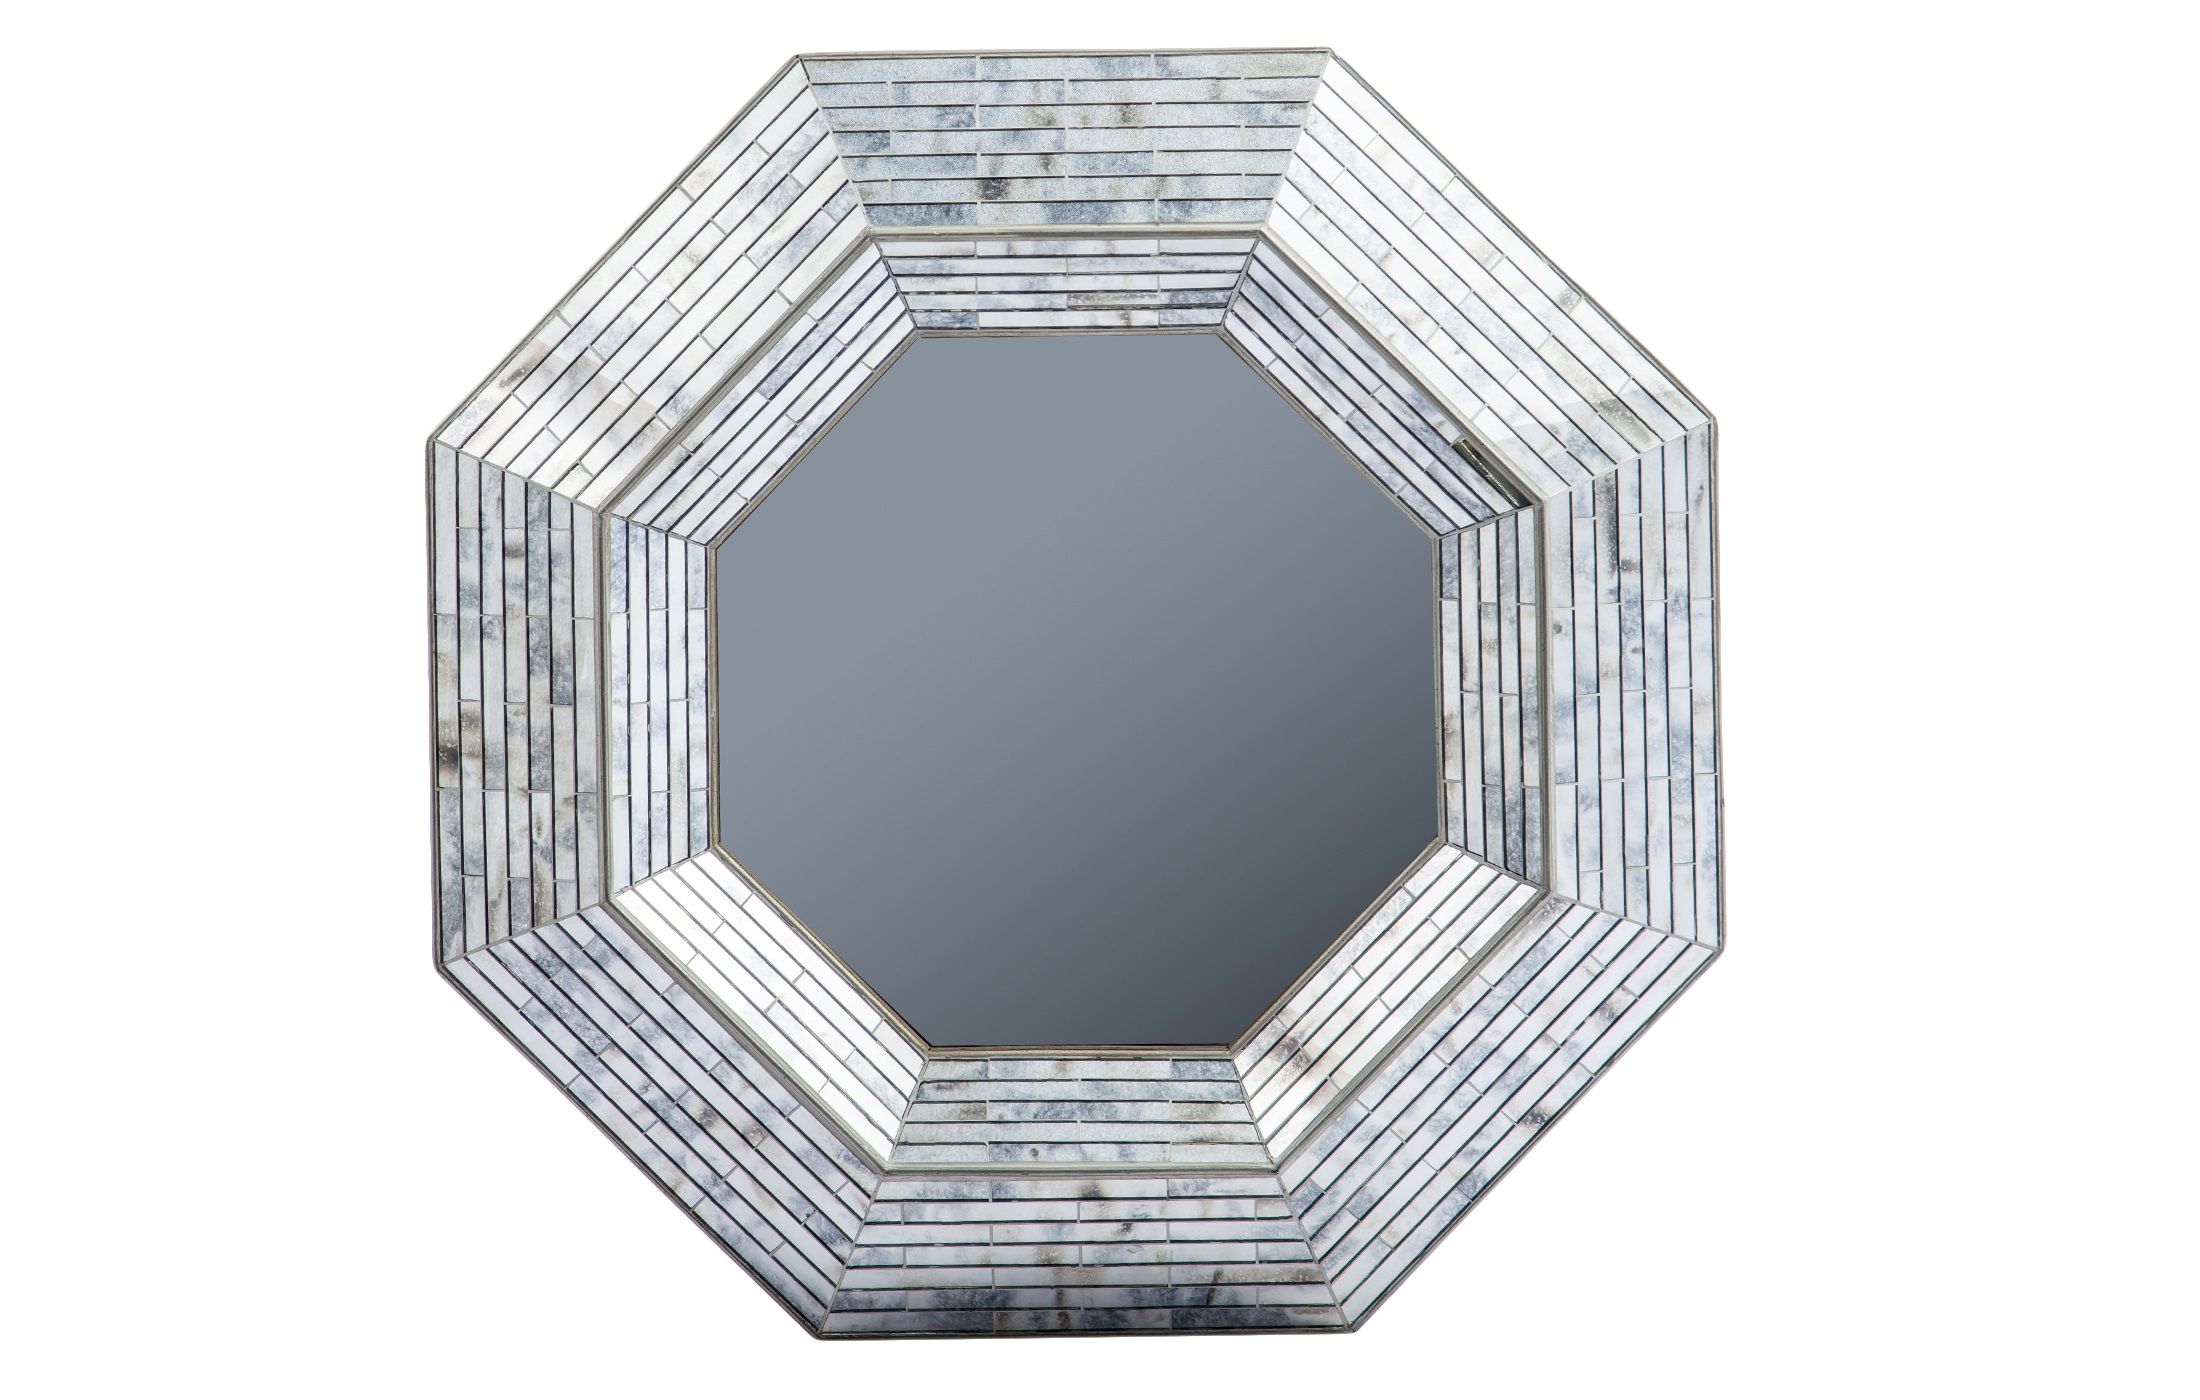 Зеркало в стиле арт-декоНастенные зеркала<br>Зеркало в форме восьмиугольника в стиле арт-деко. Рама декорирована зеркальными вставками.<br><br>Material: Стекло<br>Ширина см: 100<br>Высота см: 100<br>Глубина см: 10